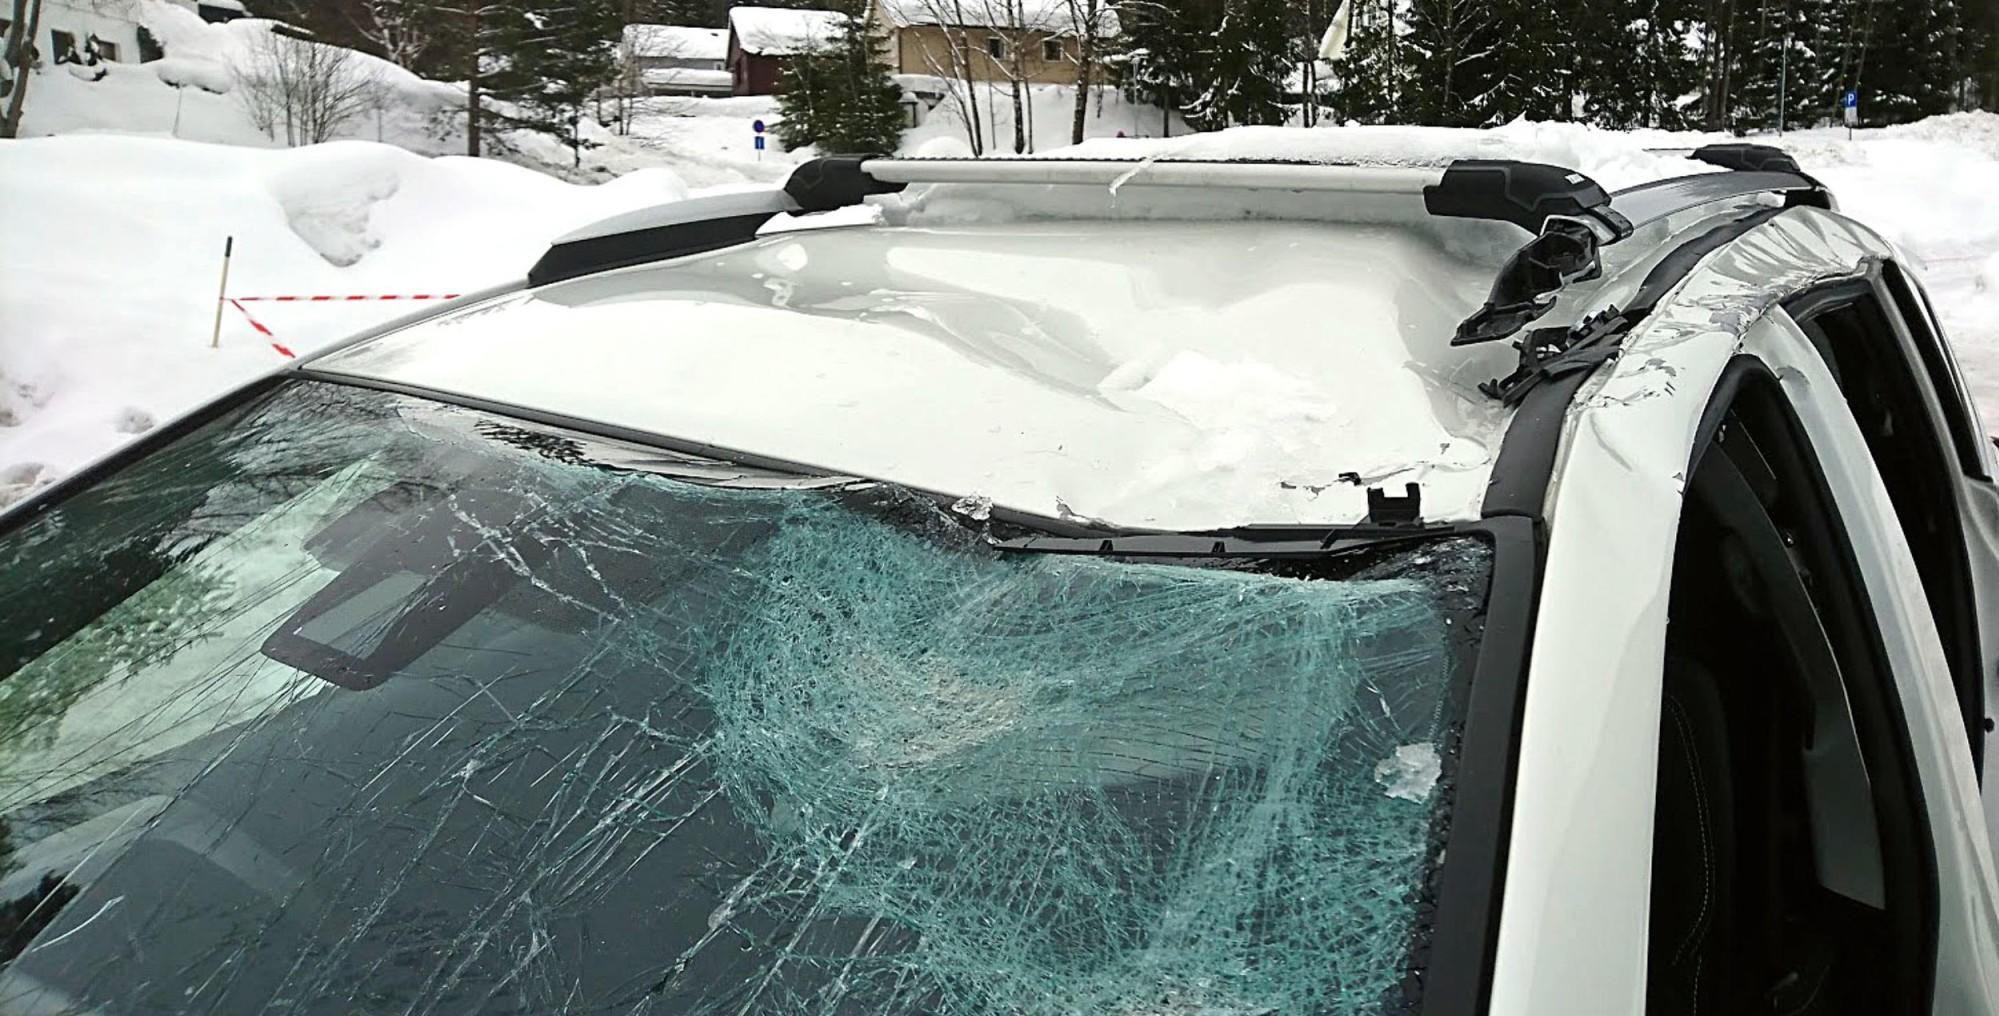 TAKRAS: Takras kan forårsake store skader på biler som blir truffet. I noen tilfeller er skadene så store at det ikke lønner seg å reparere.